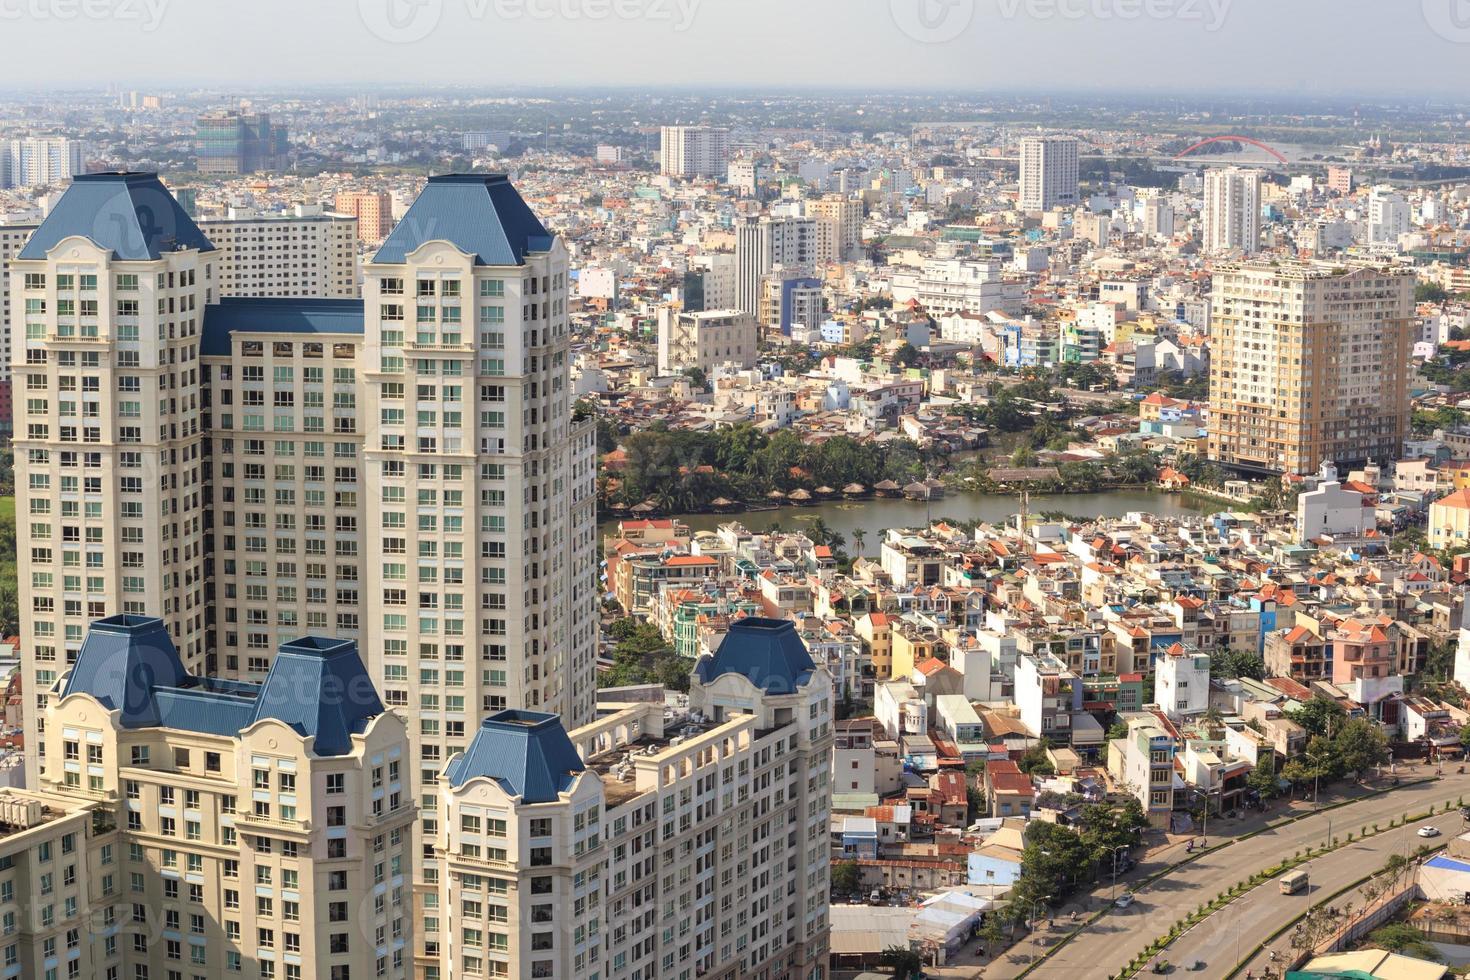 panorama da cidade de ho chi minh, saigon vietnã foto